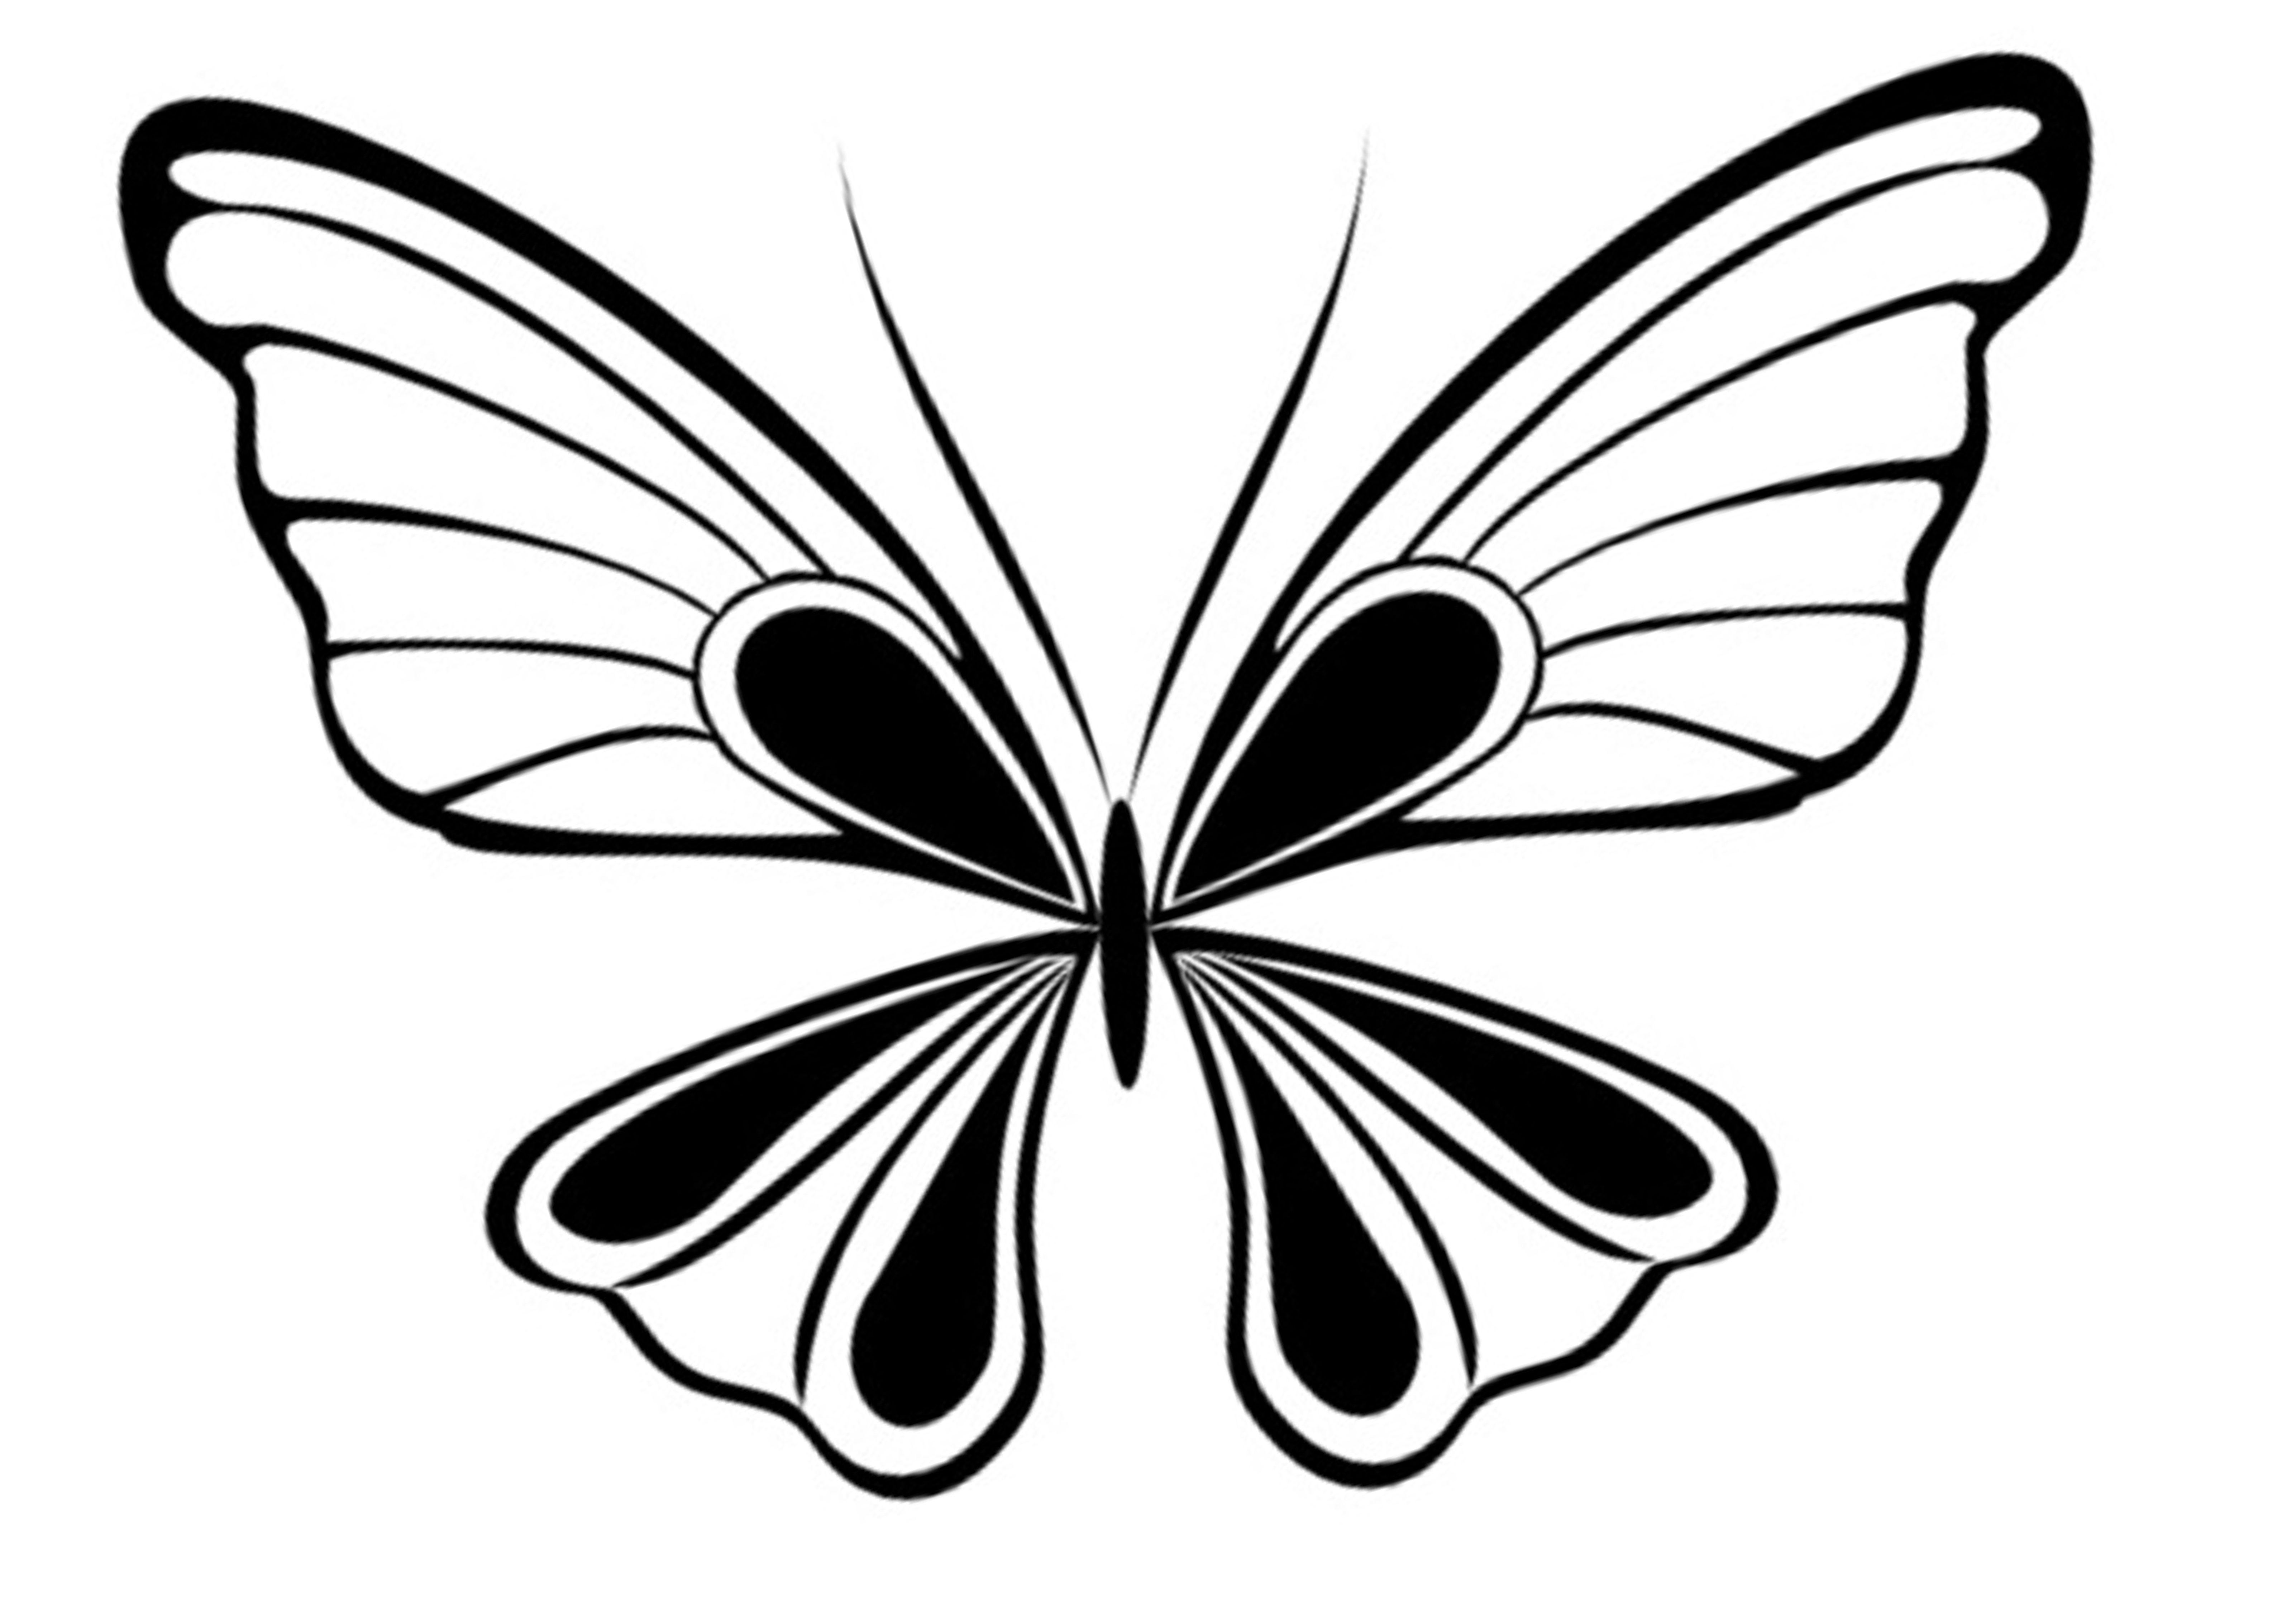 Darmowe Szablony Malarskie Różne Wzory Projektowanie